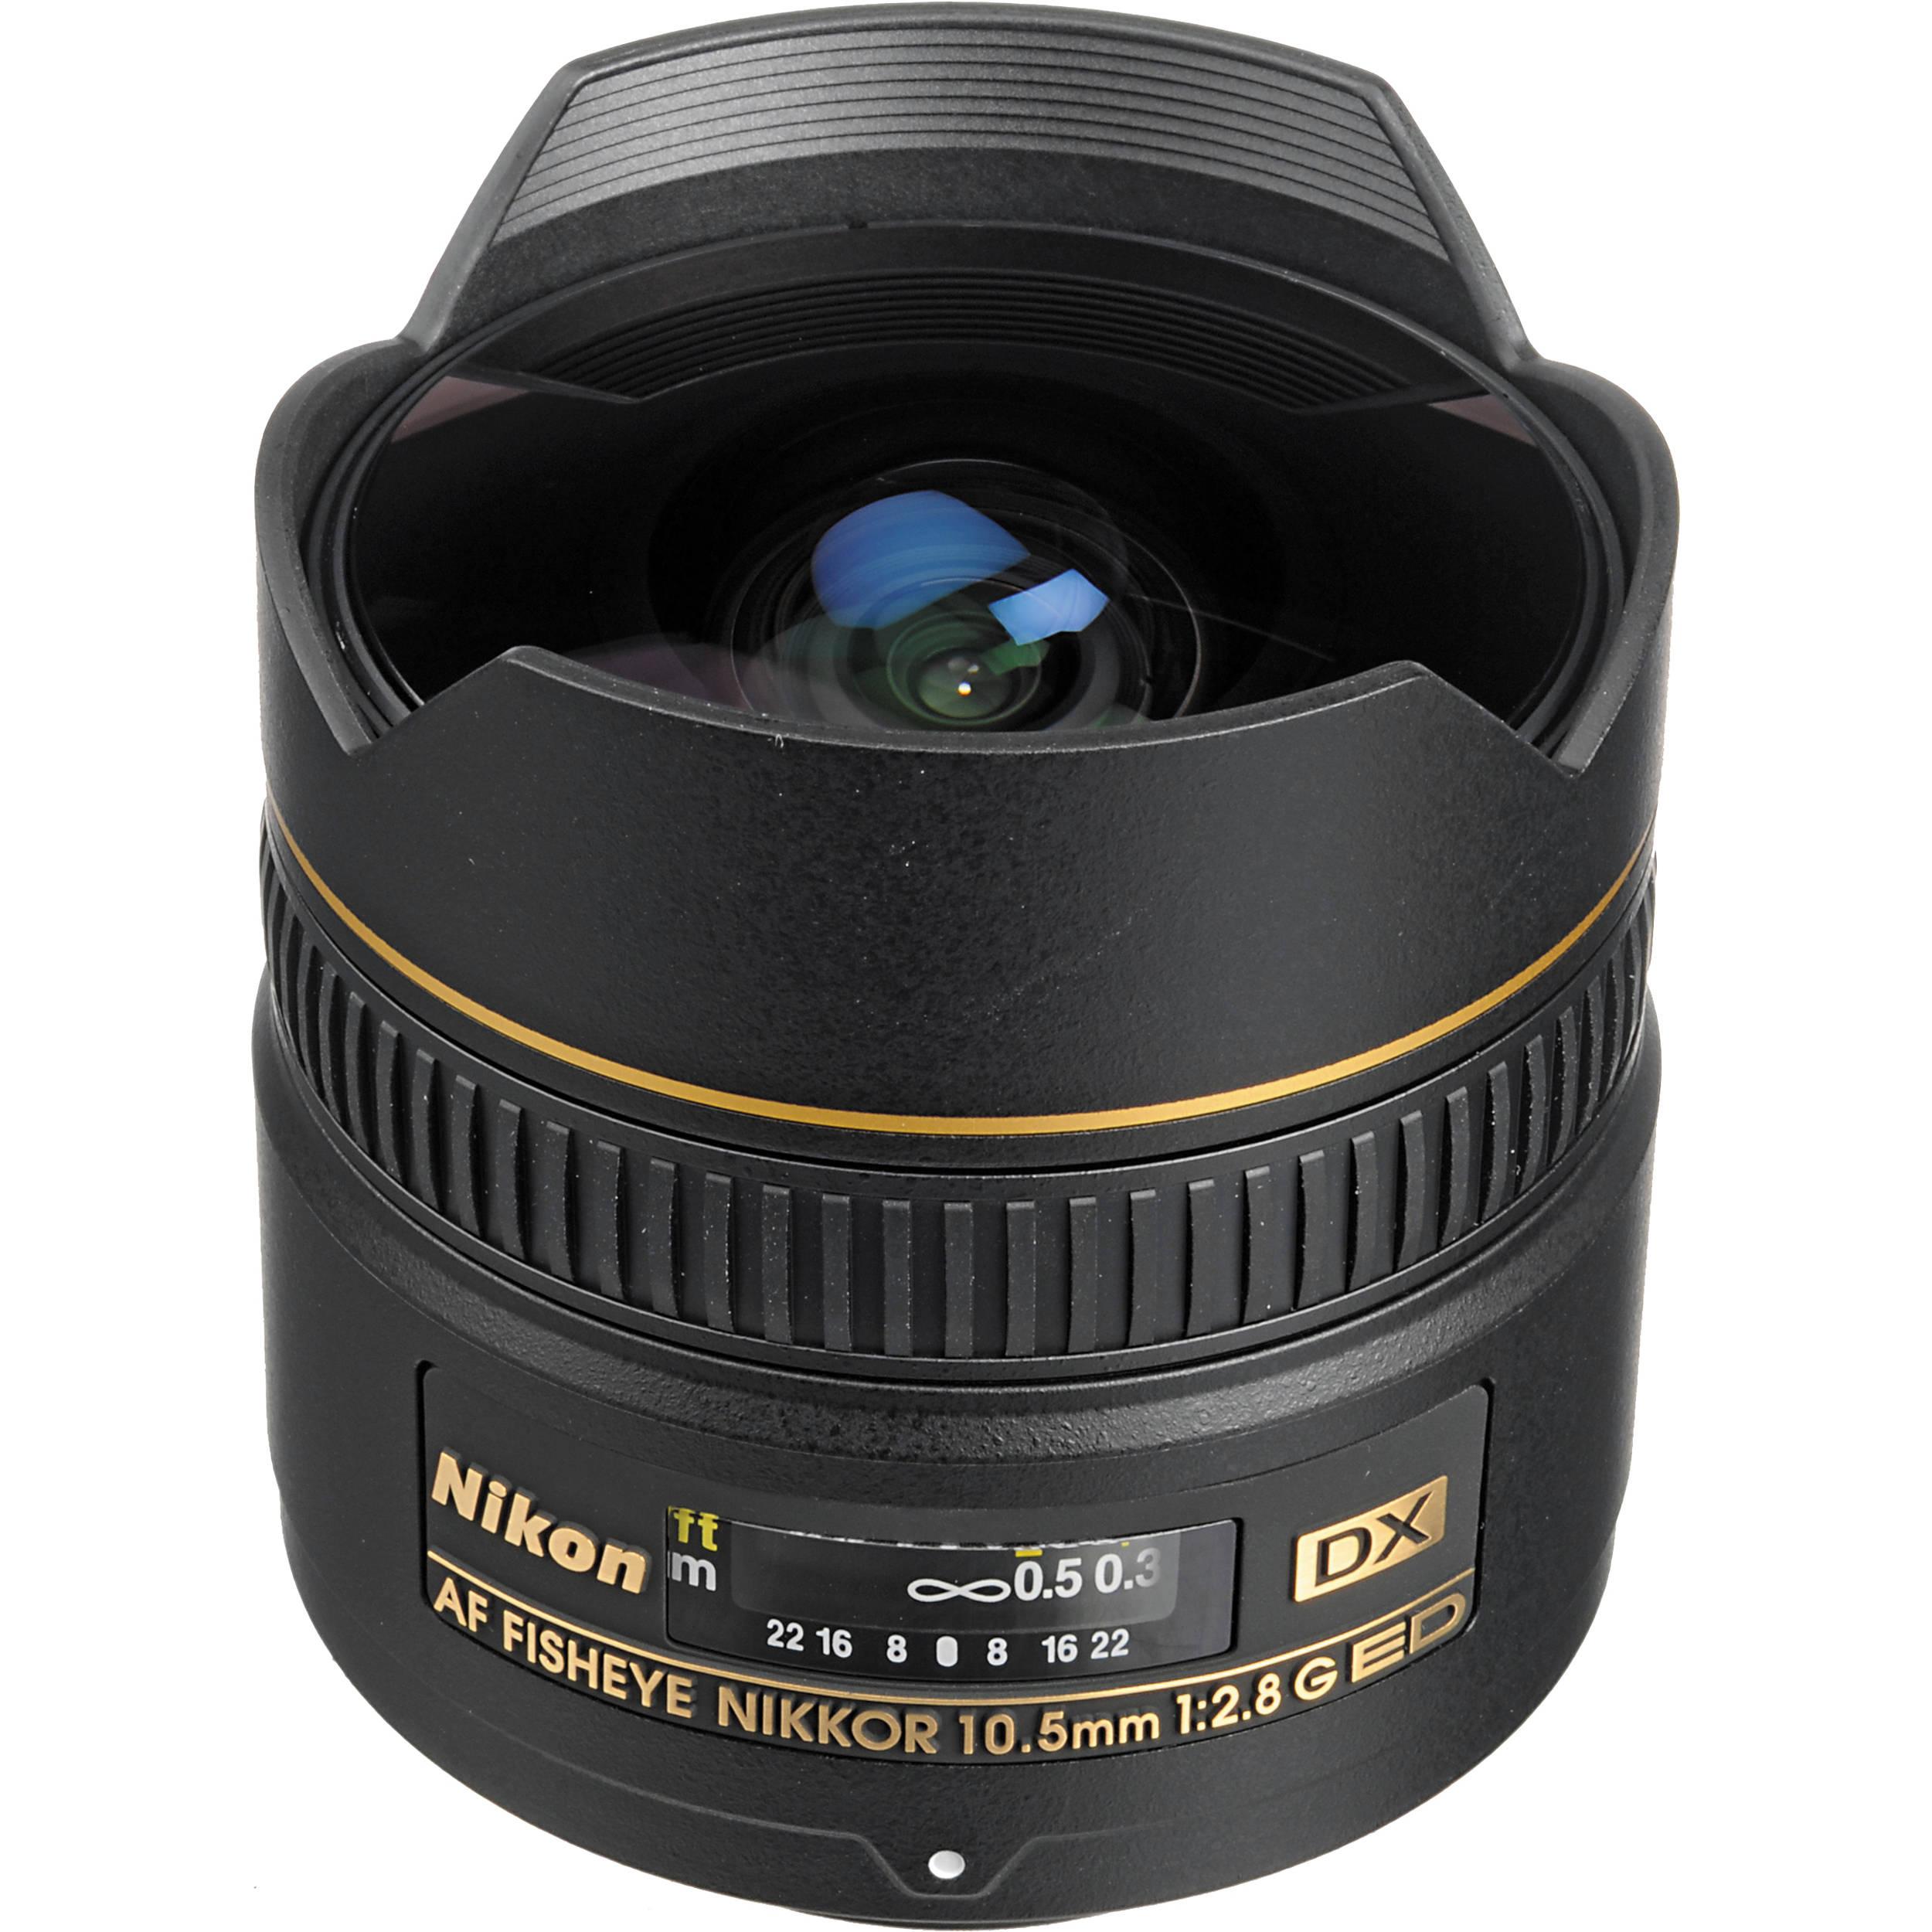 Nikon_2148_10_5mm_f_2_8G_ED_DX_300487